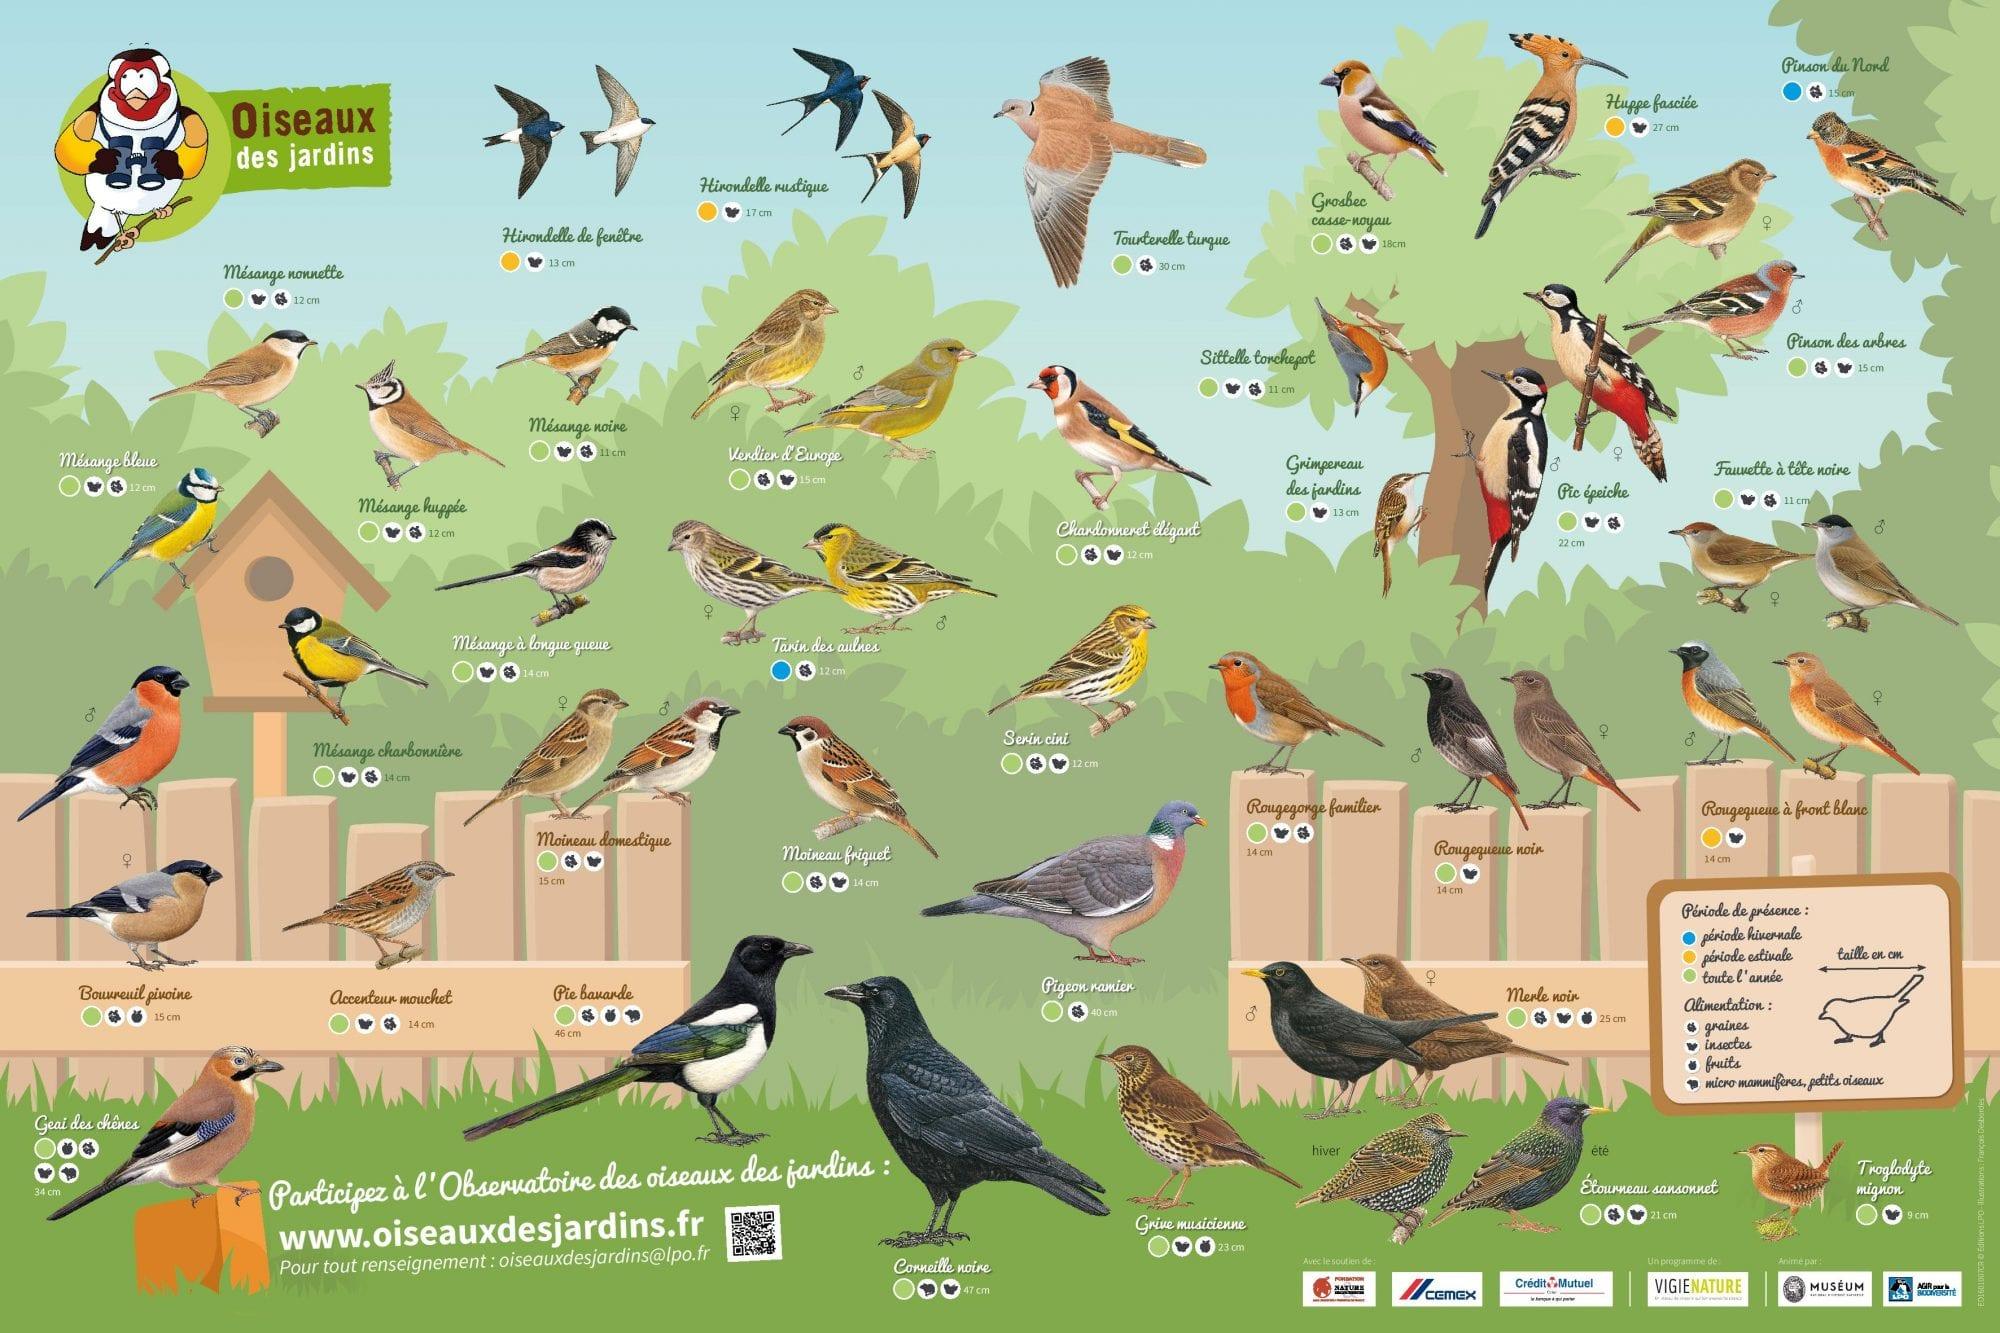 Comptage des oiseaux de jardin - Mairie de Fonsorbes